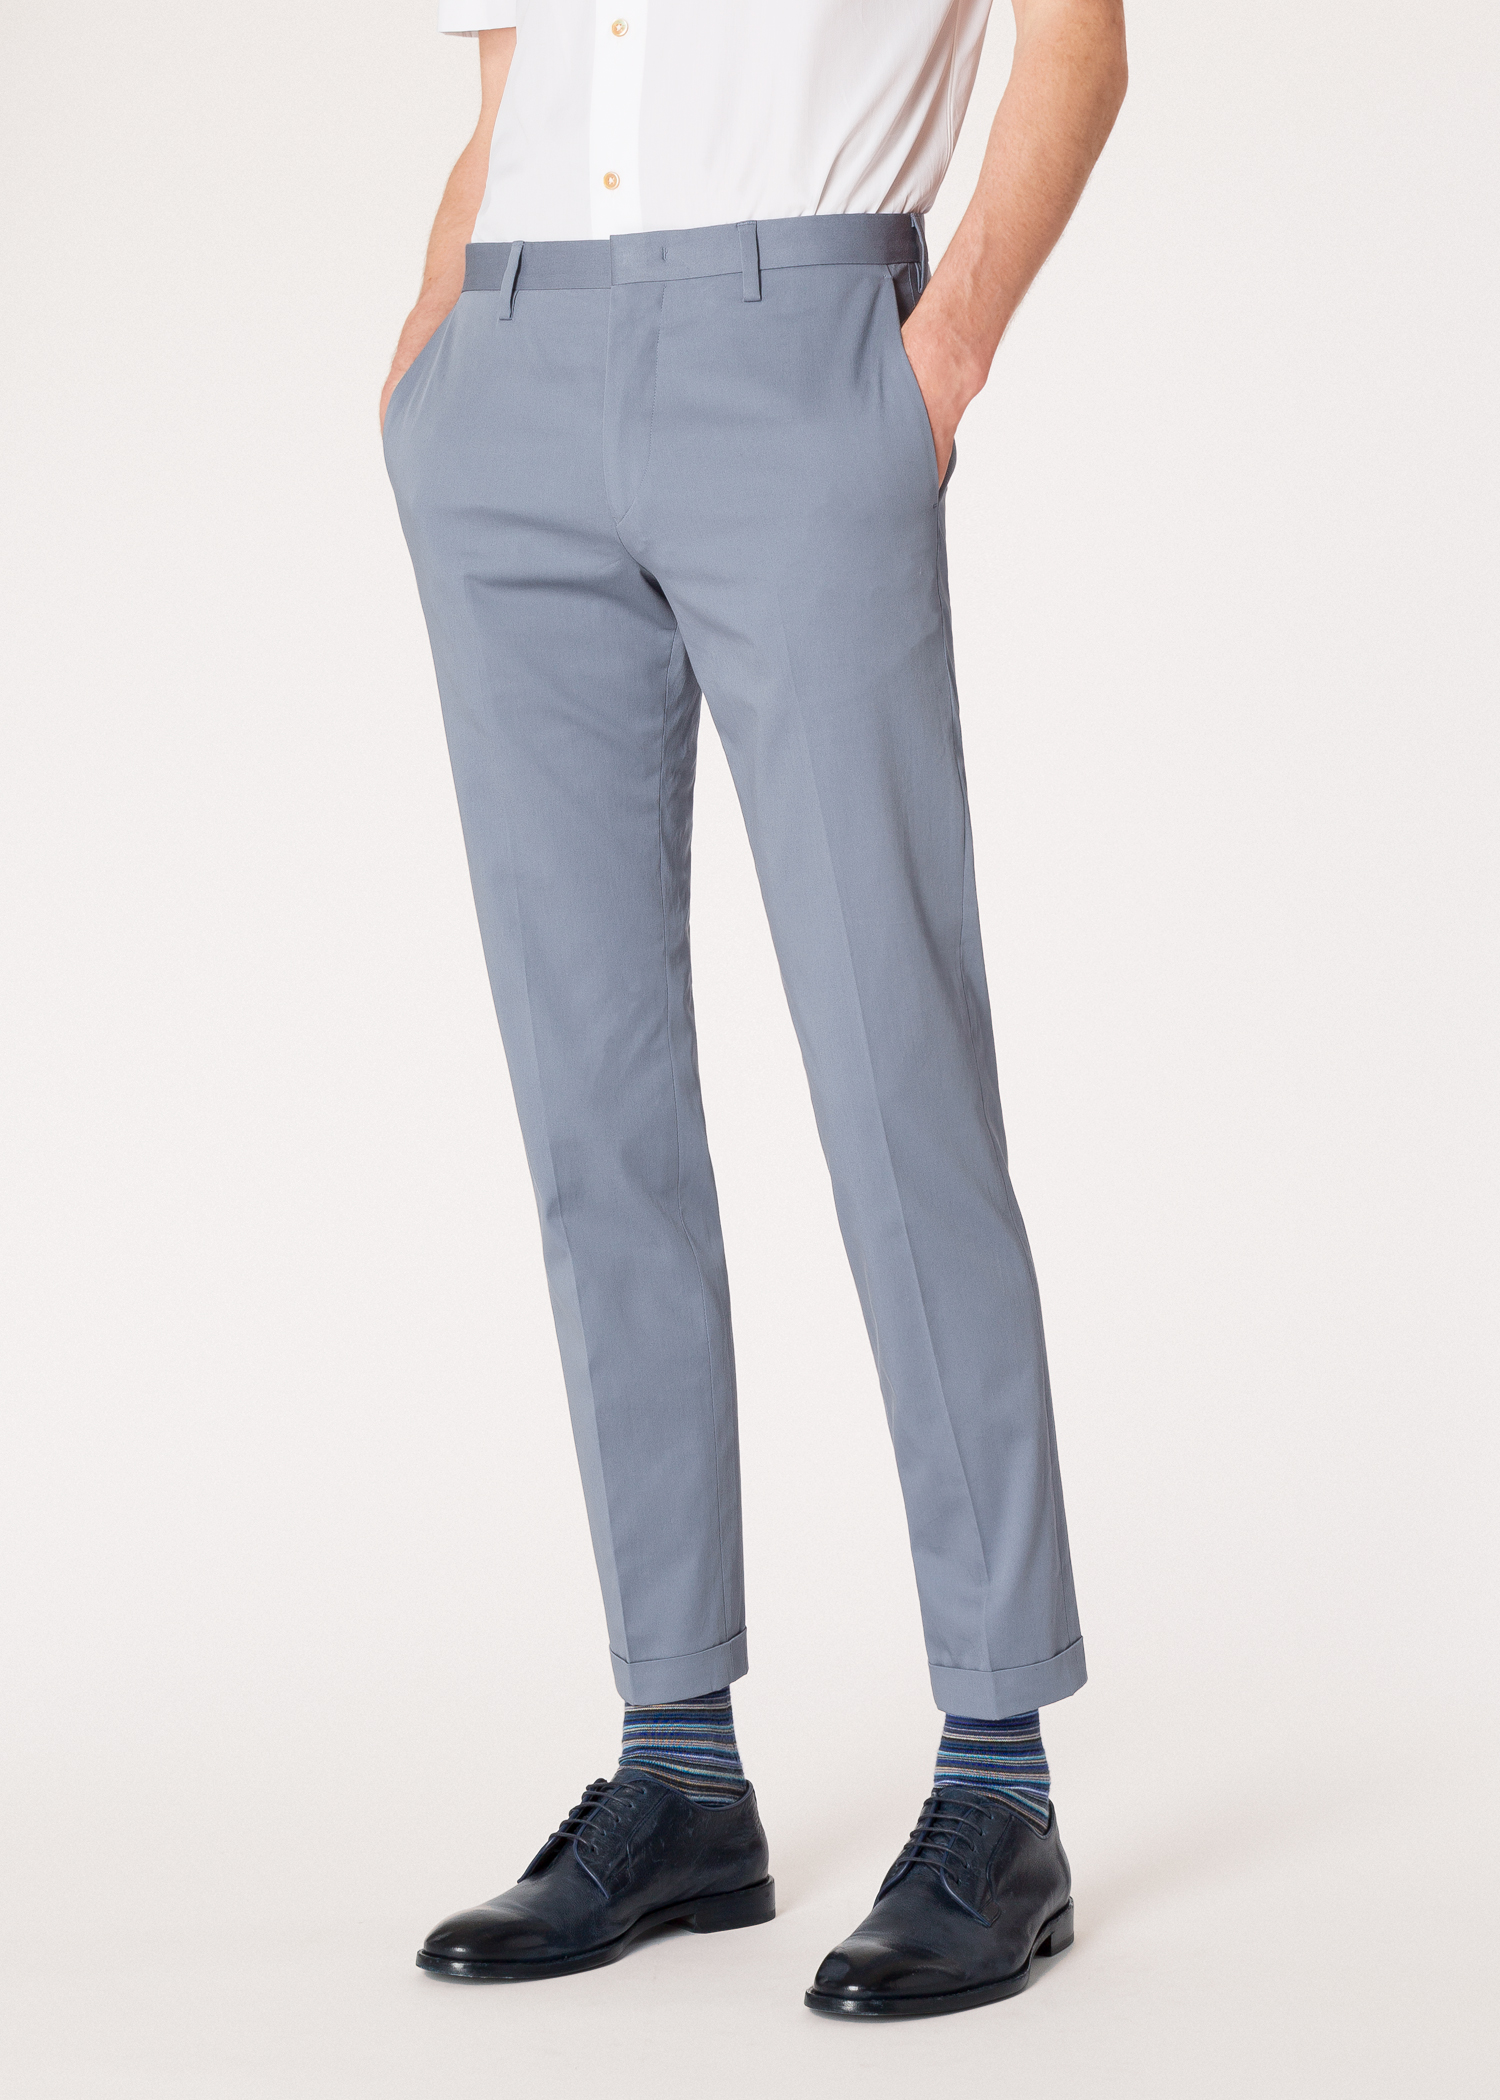 Pantalon Homme Bleu Clair En Coton Stretch Coupe Slim. Men s Slim-Fit Light  Blue Stretch-Cotton Trousers ad1a47e76909